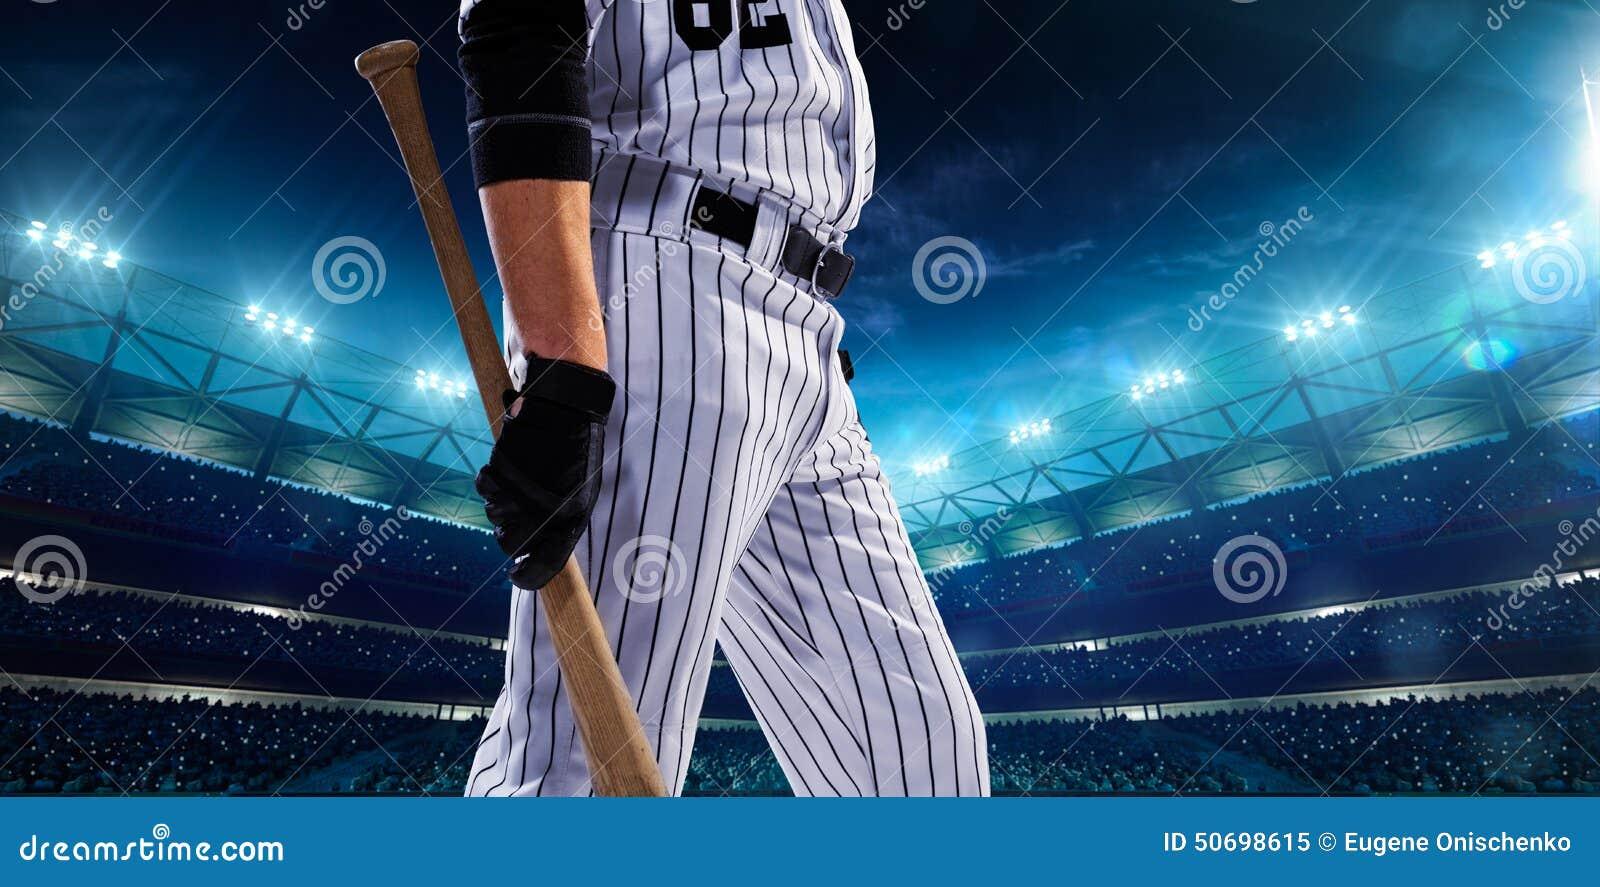 Giocatori di baseball professionisti sulla grande arena di notte